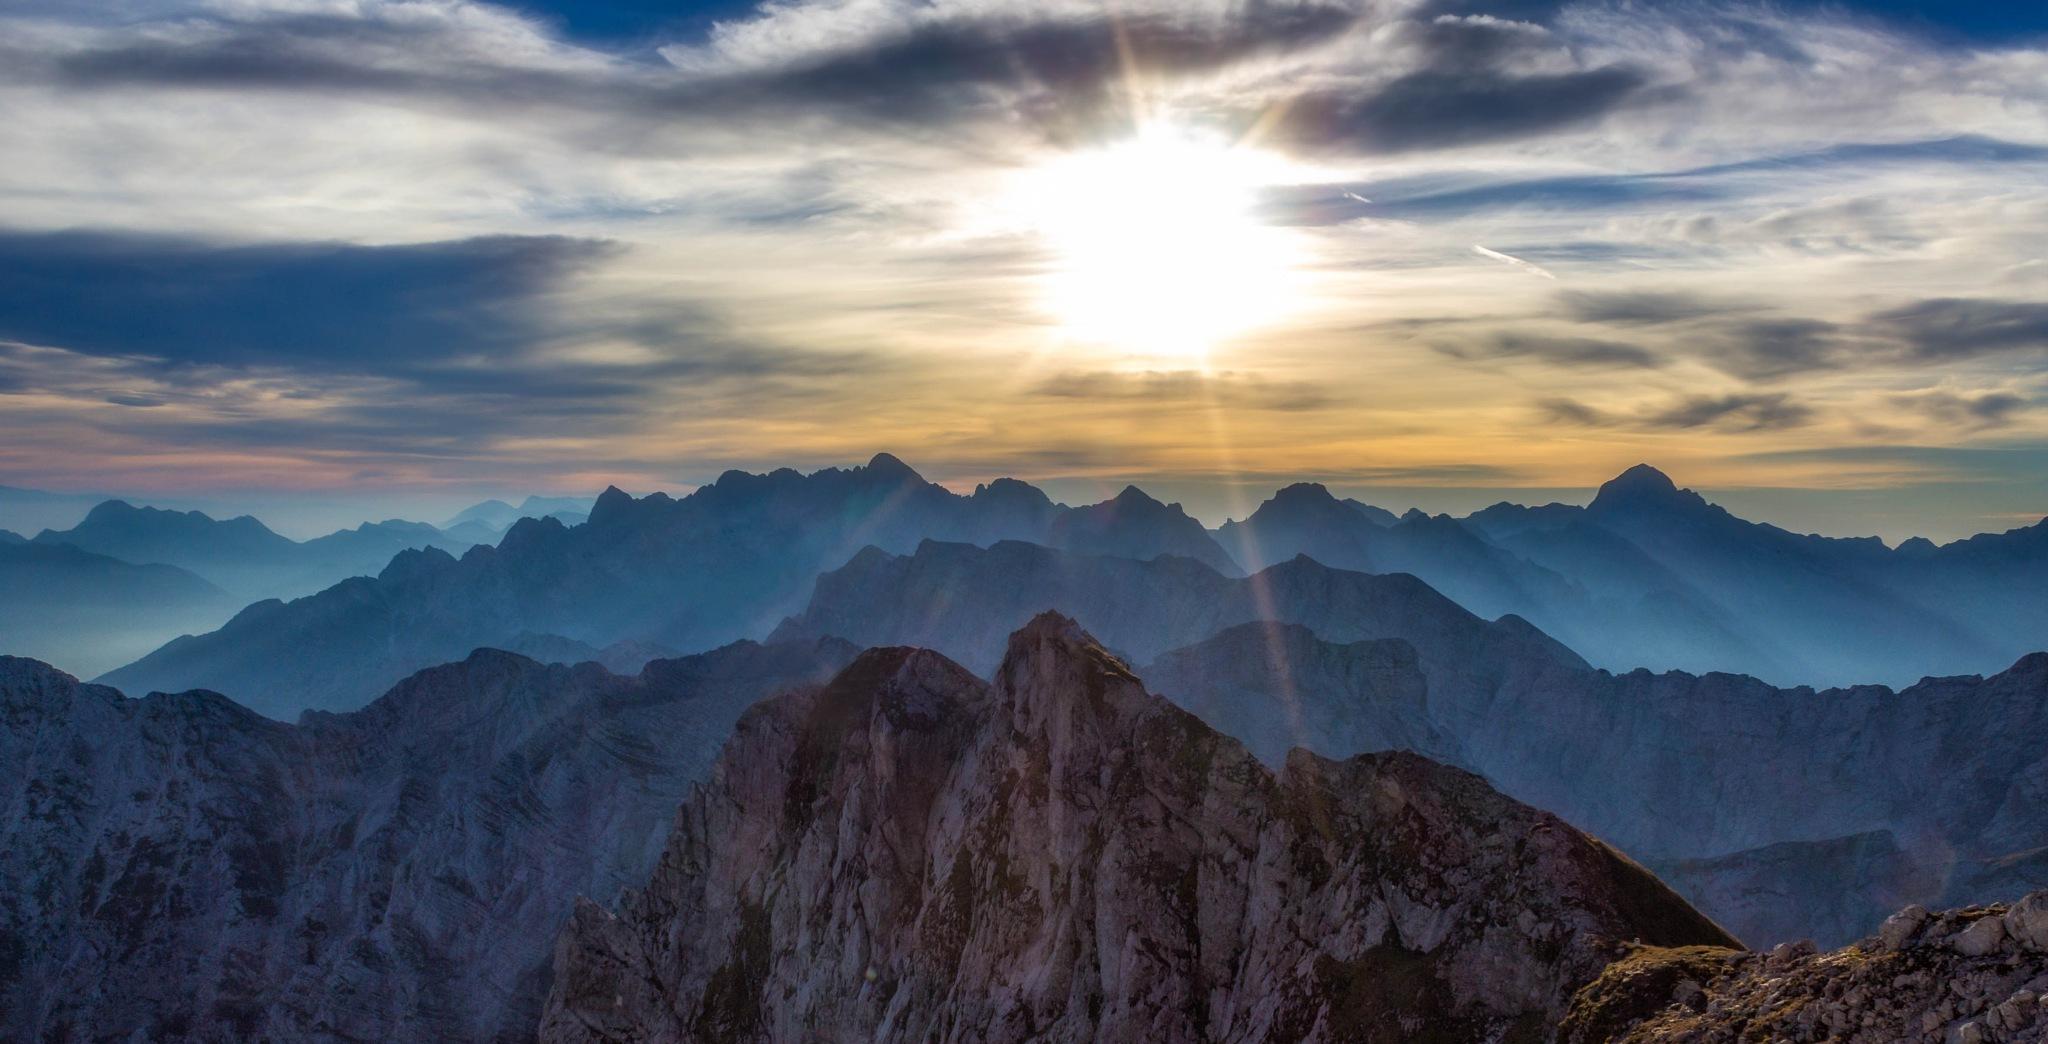 Julian Alps by Miroslav Asanin